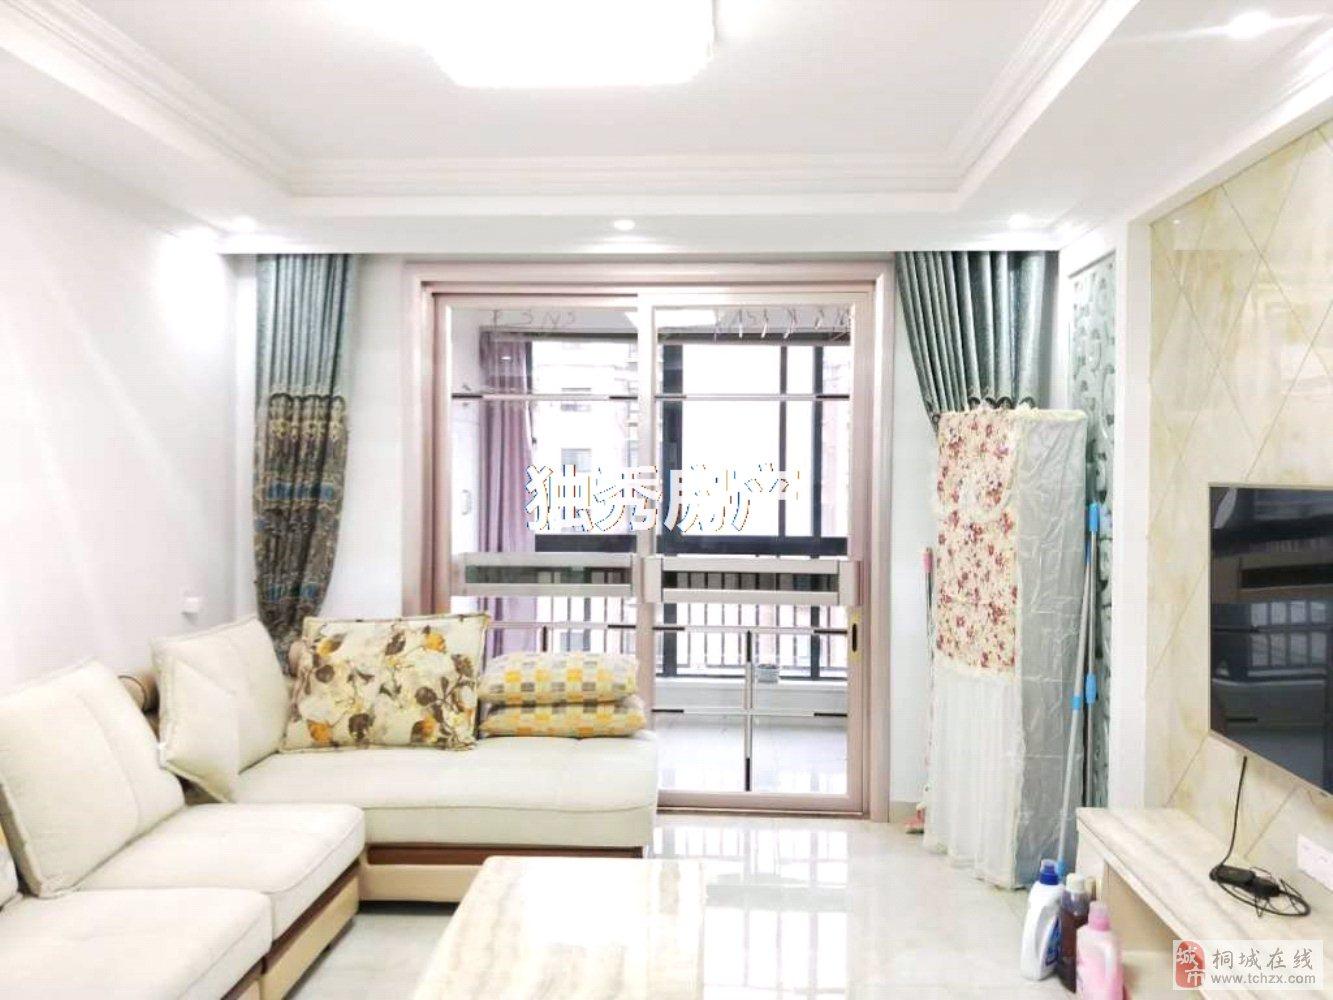 新东方世纪城花园洋房精装三室楼层适中